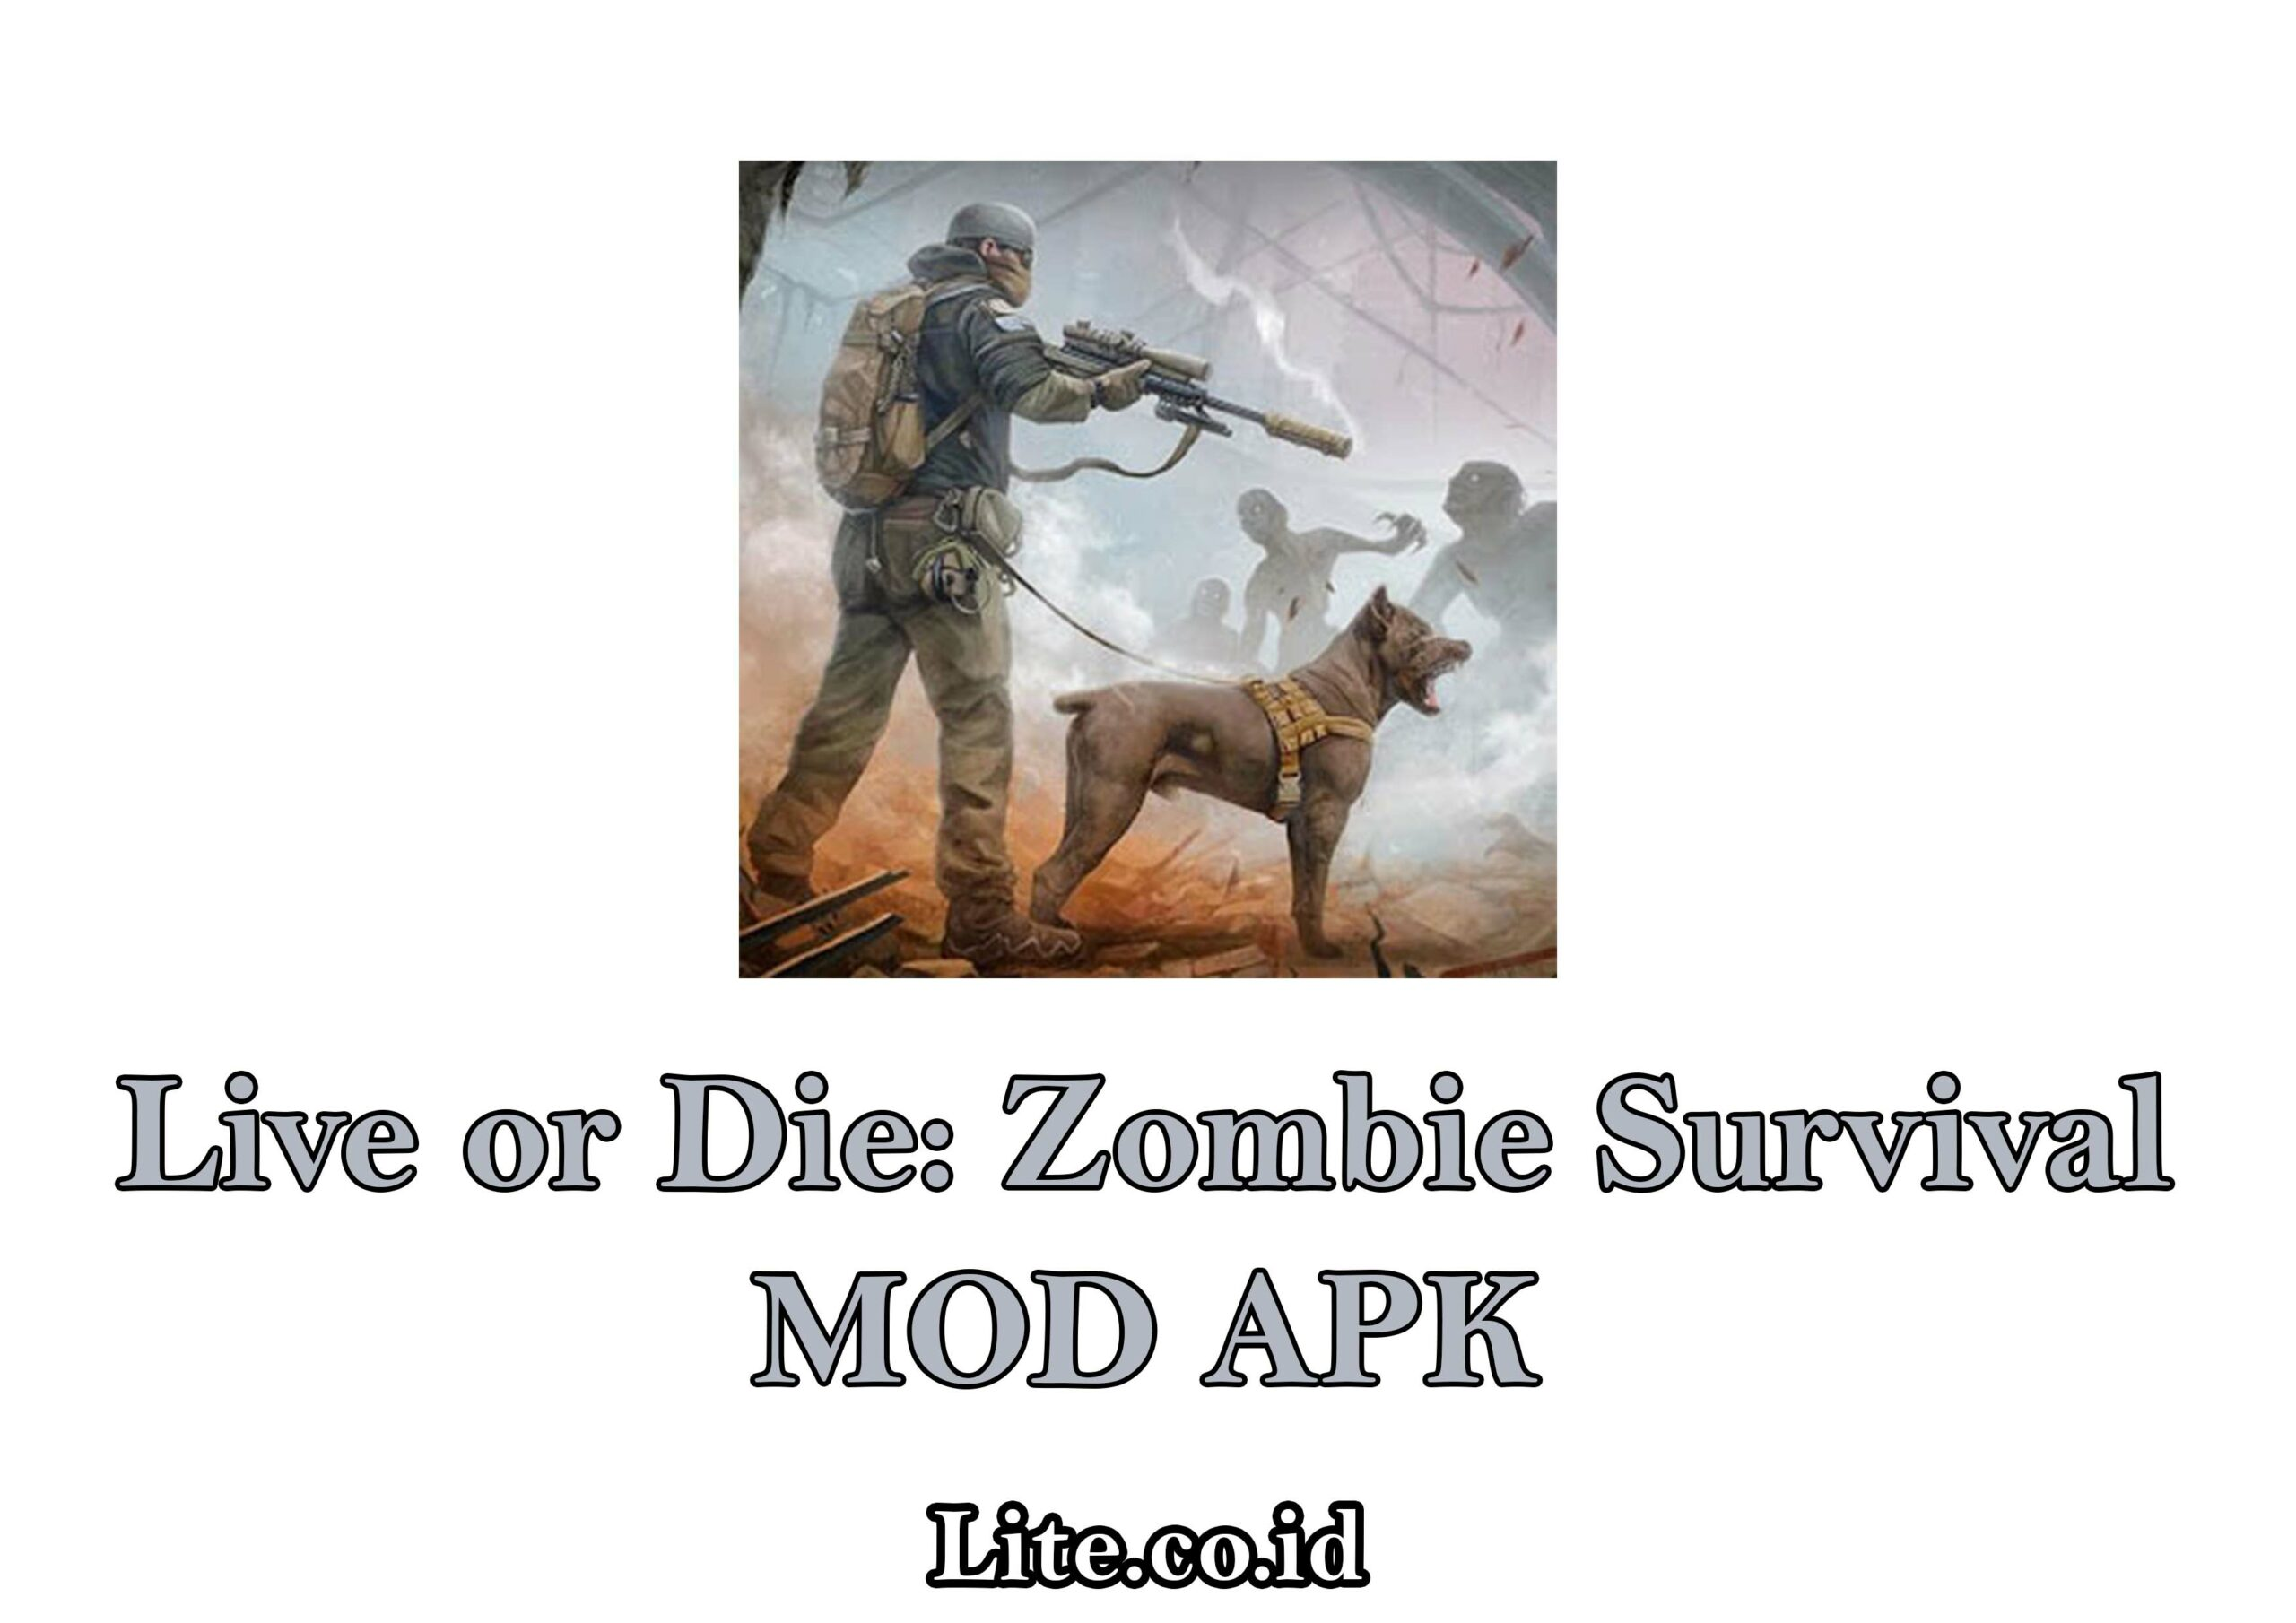 Live-or-Die-Zombie-Survival